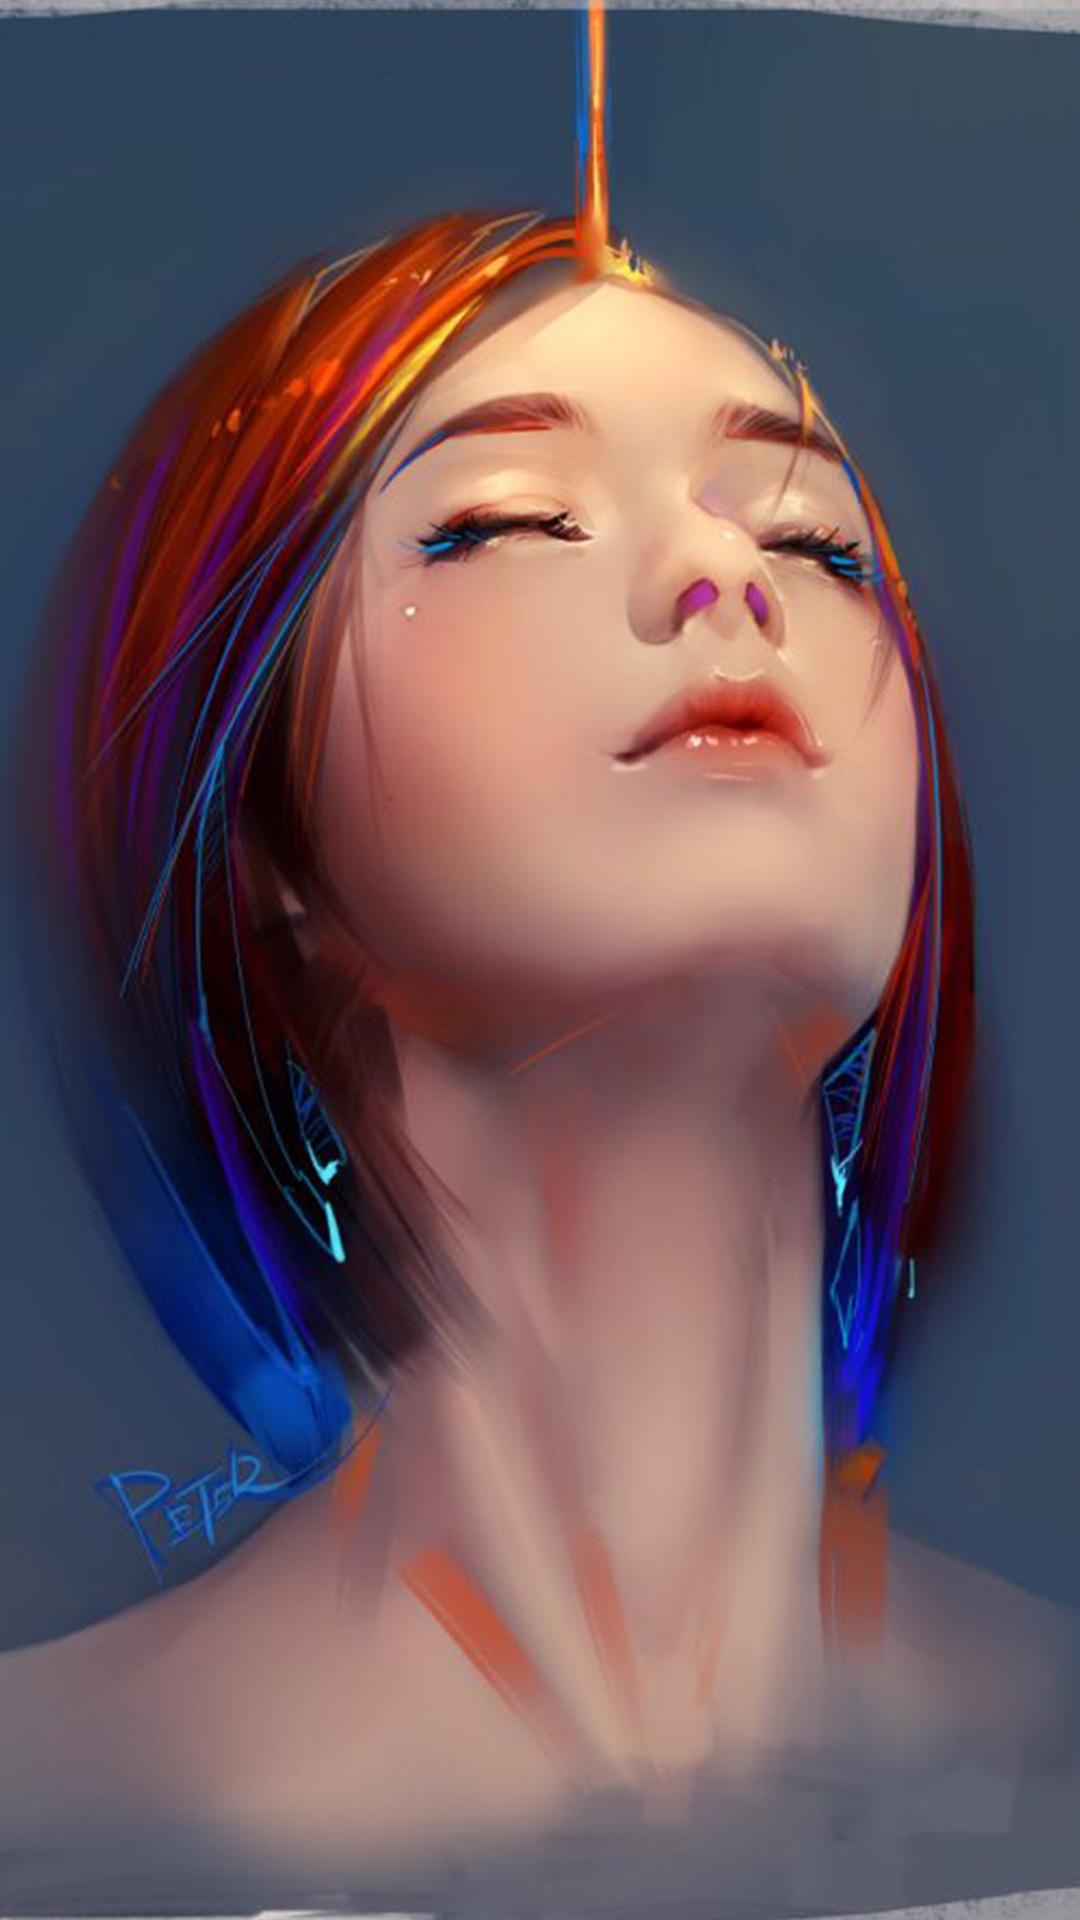 欧美美女手绘油画 苹果手机高清壁纸 1080x1920_爱思